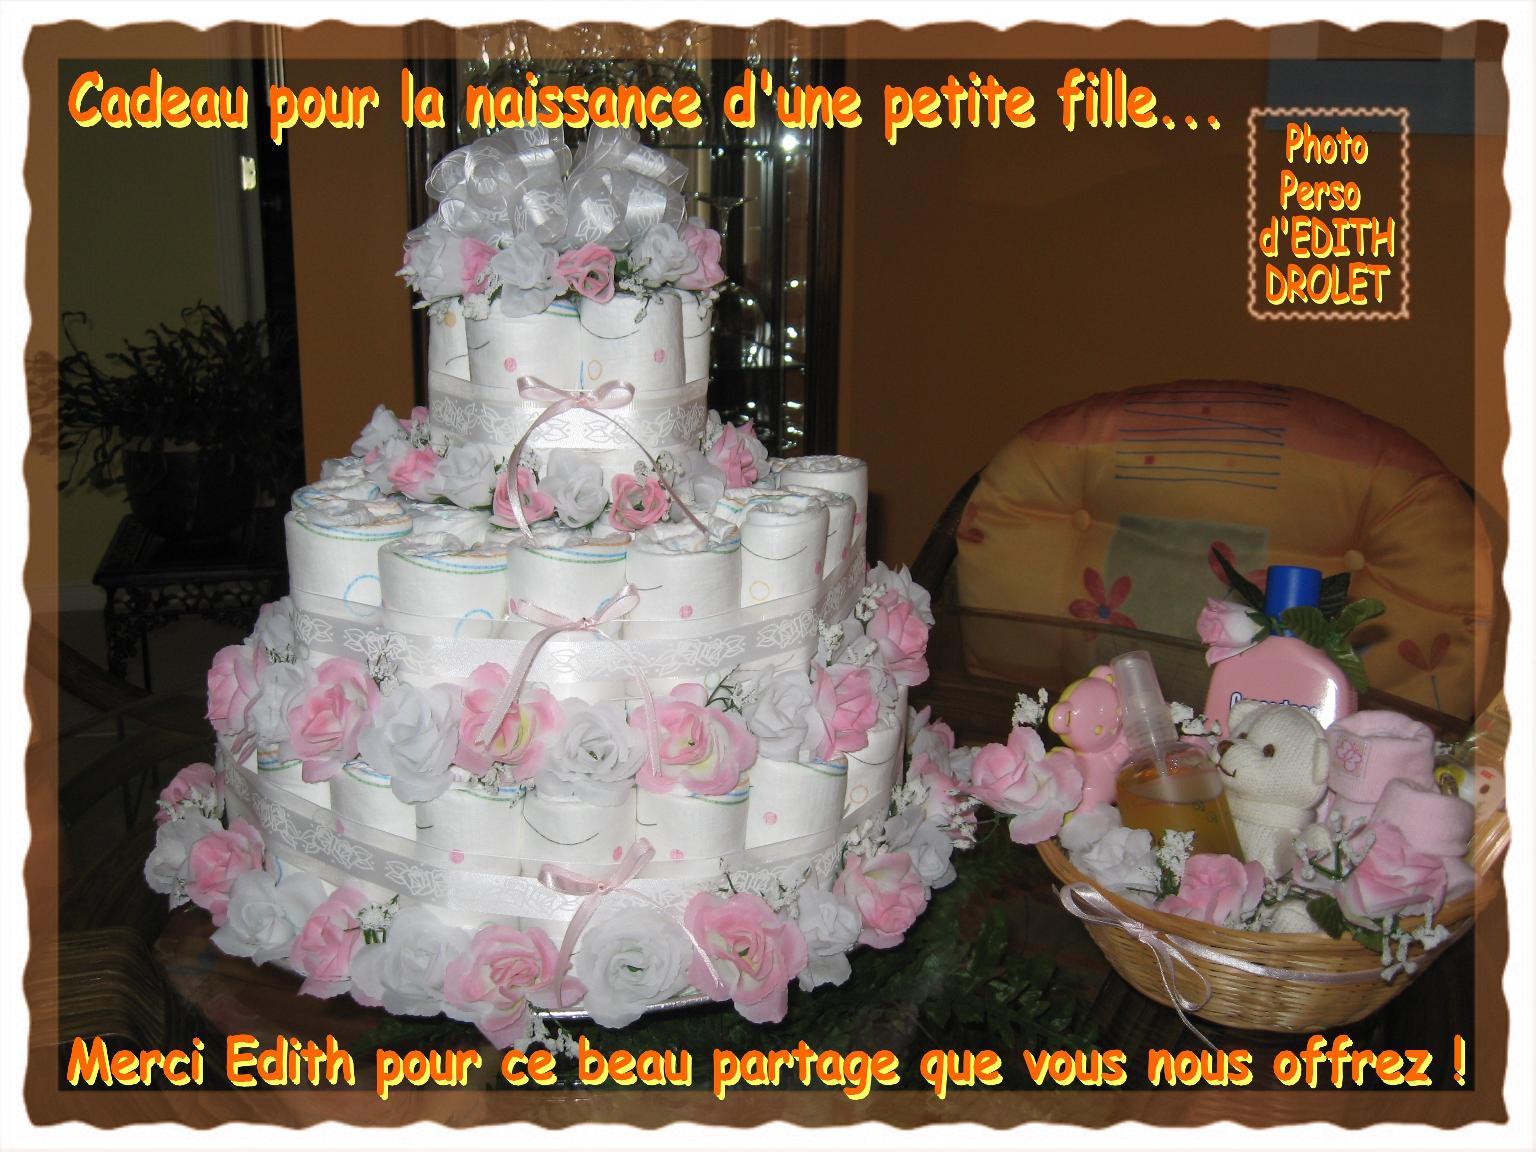 Gâteau - Cadeau pour la naissance d'une petite fille... 5e et dernière étape, réalisé par Edith